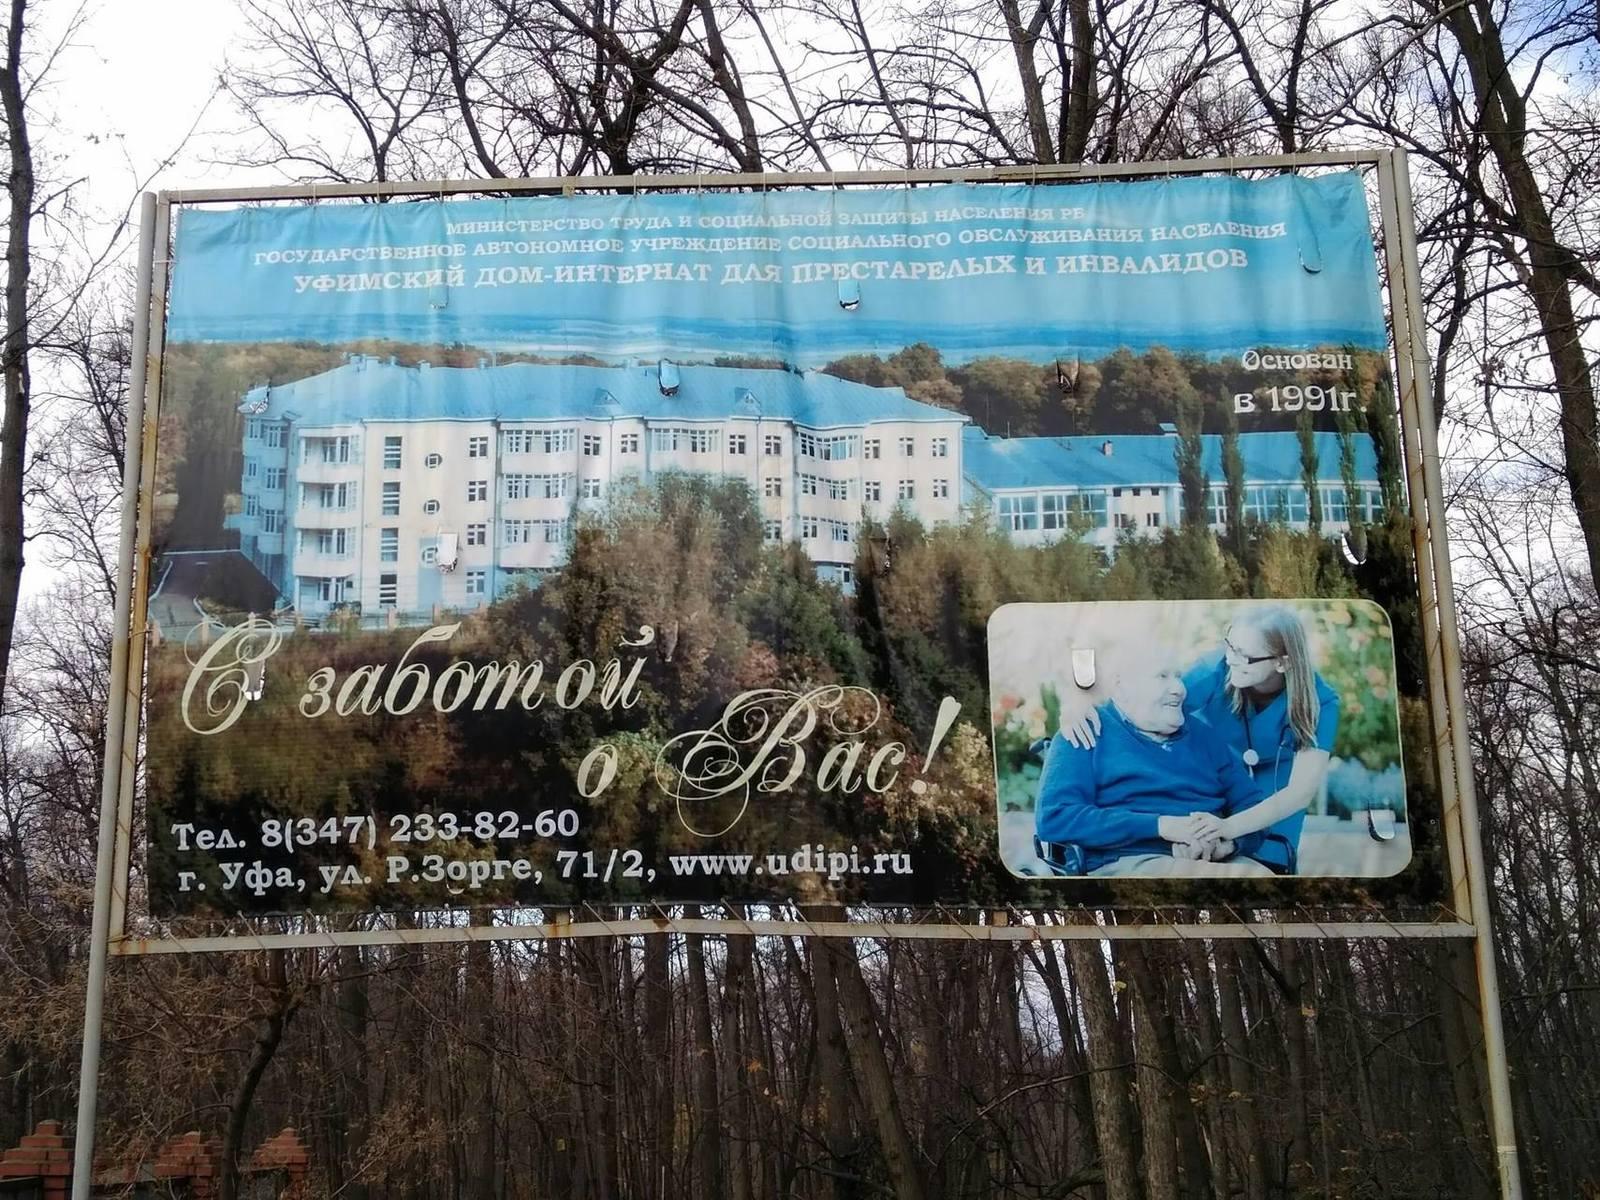 Вывески в доме престарелых владивосток пансионат для пожилых людей